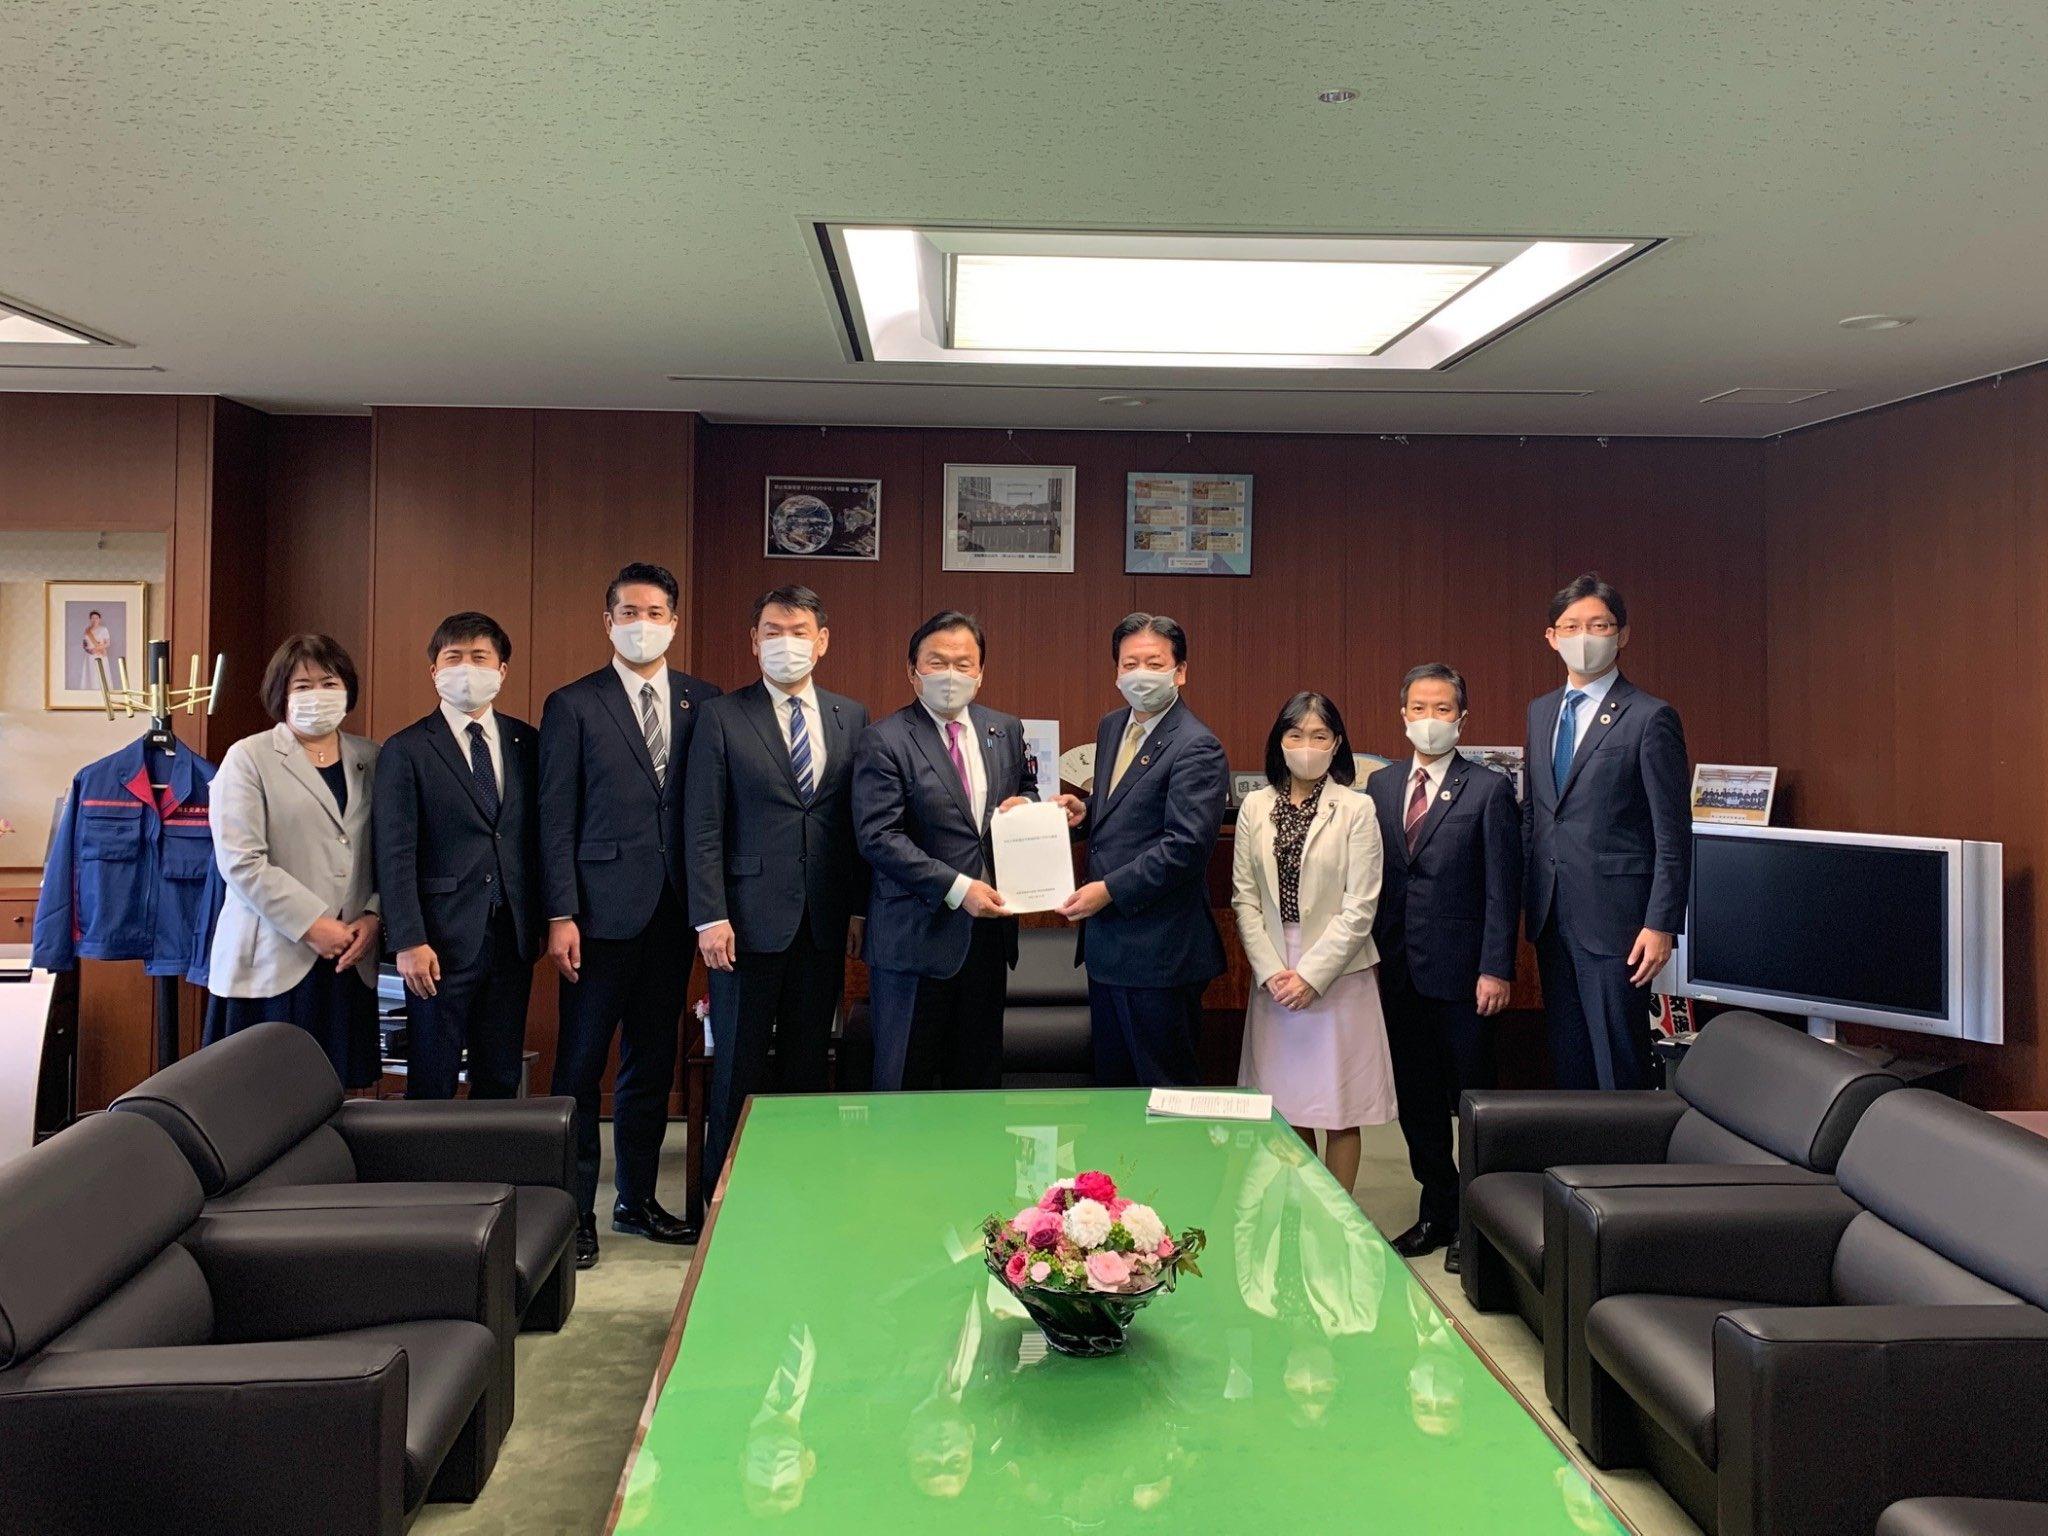 兵庫県議団と陳情